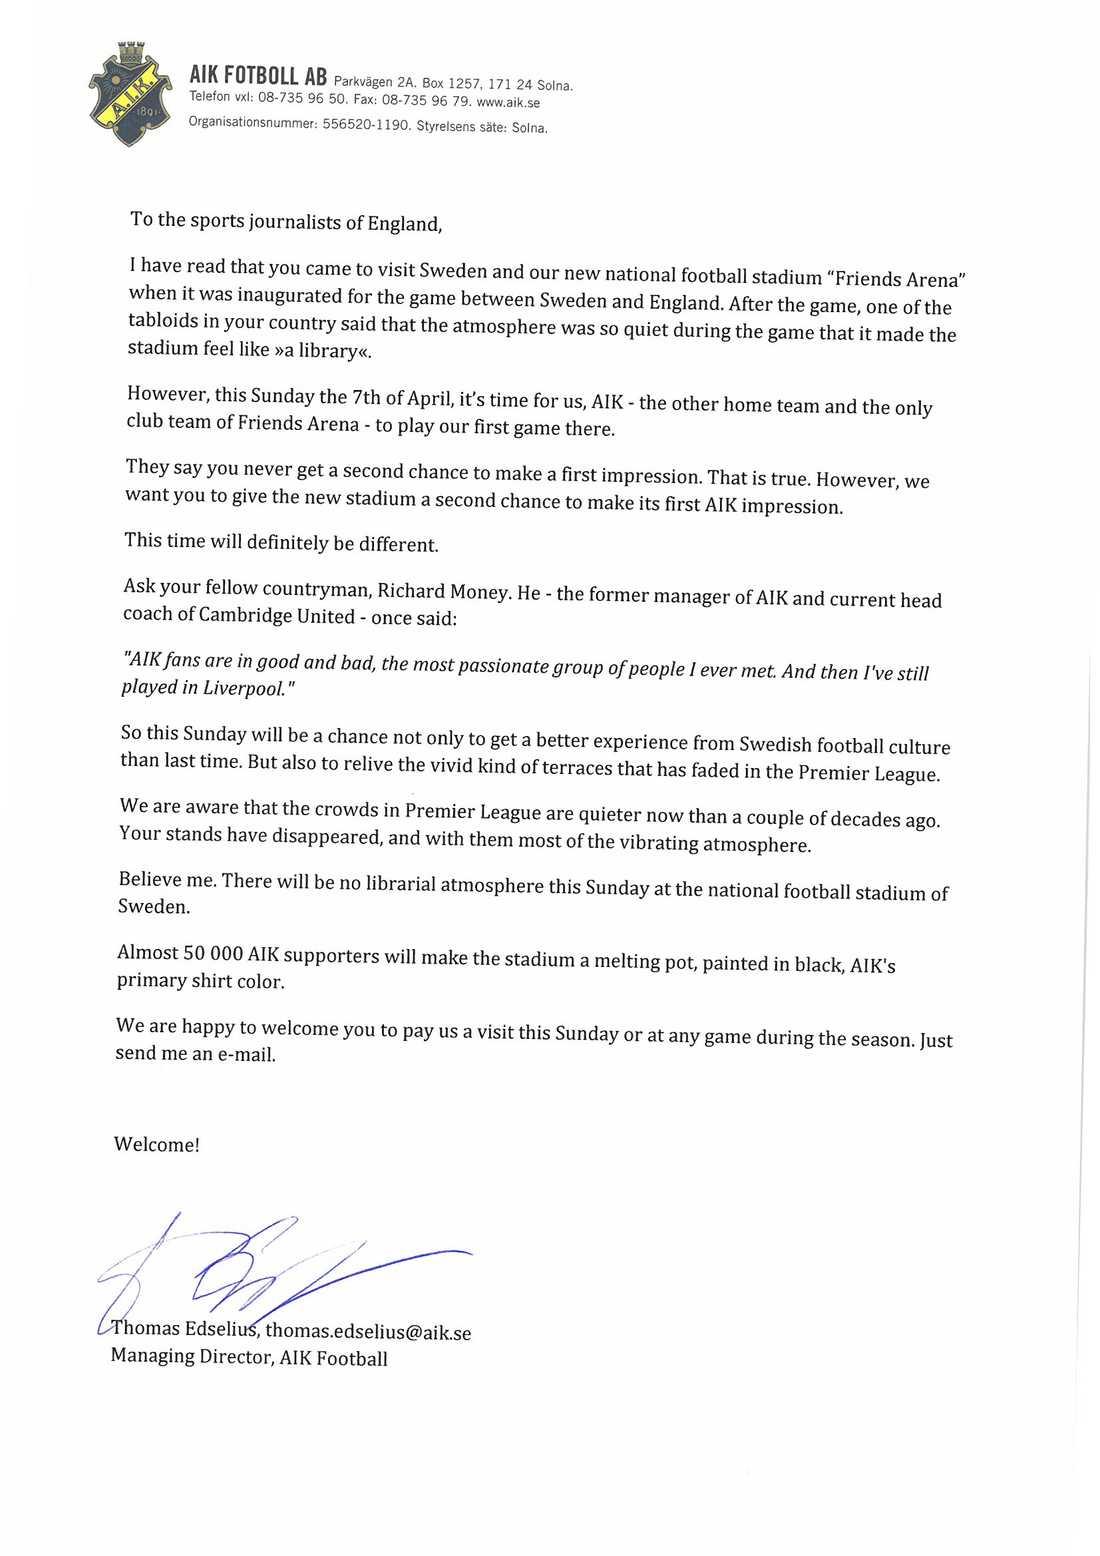 AIK:s brev till engelska journalisterna. OBS! Klicka på brevet inne i artikeln för större version!